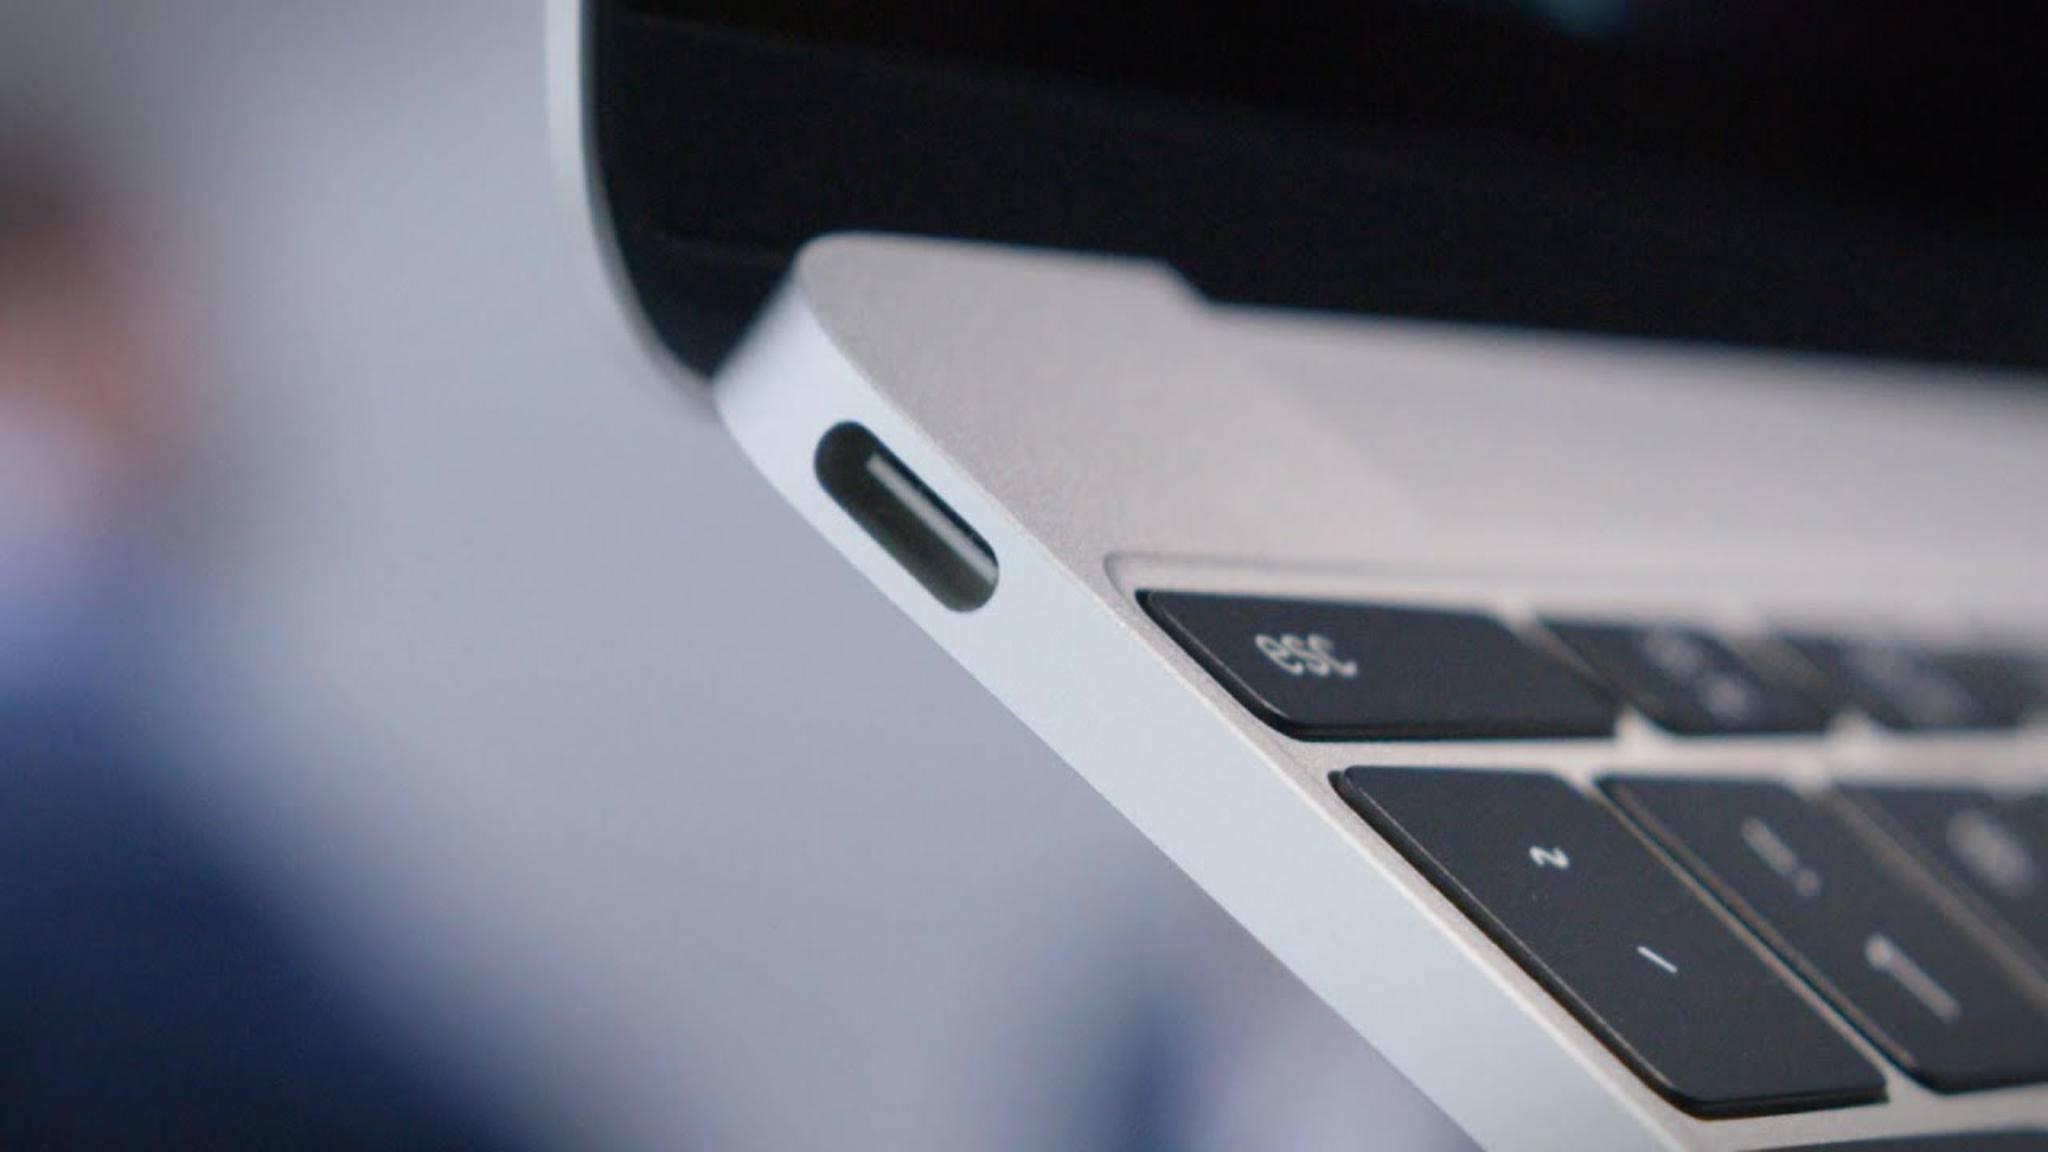 Noch unterstützt kein Gerät den schnellen USB-3.2-Anschluss – doch für neue Macs steht die Chance nicht schlecht,